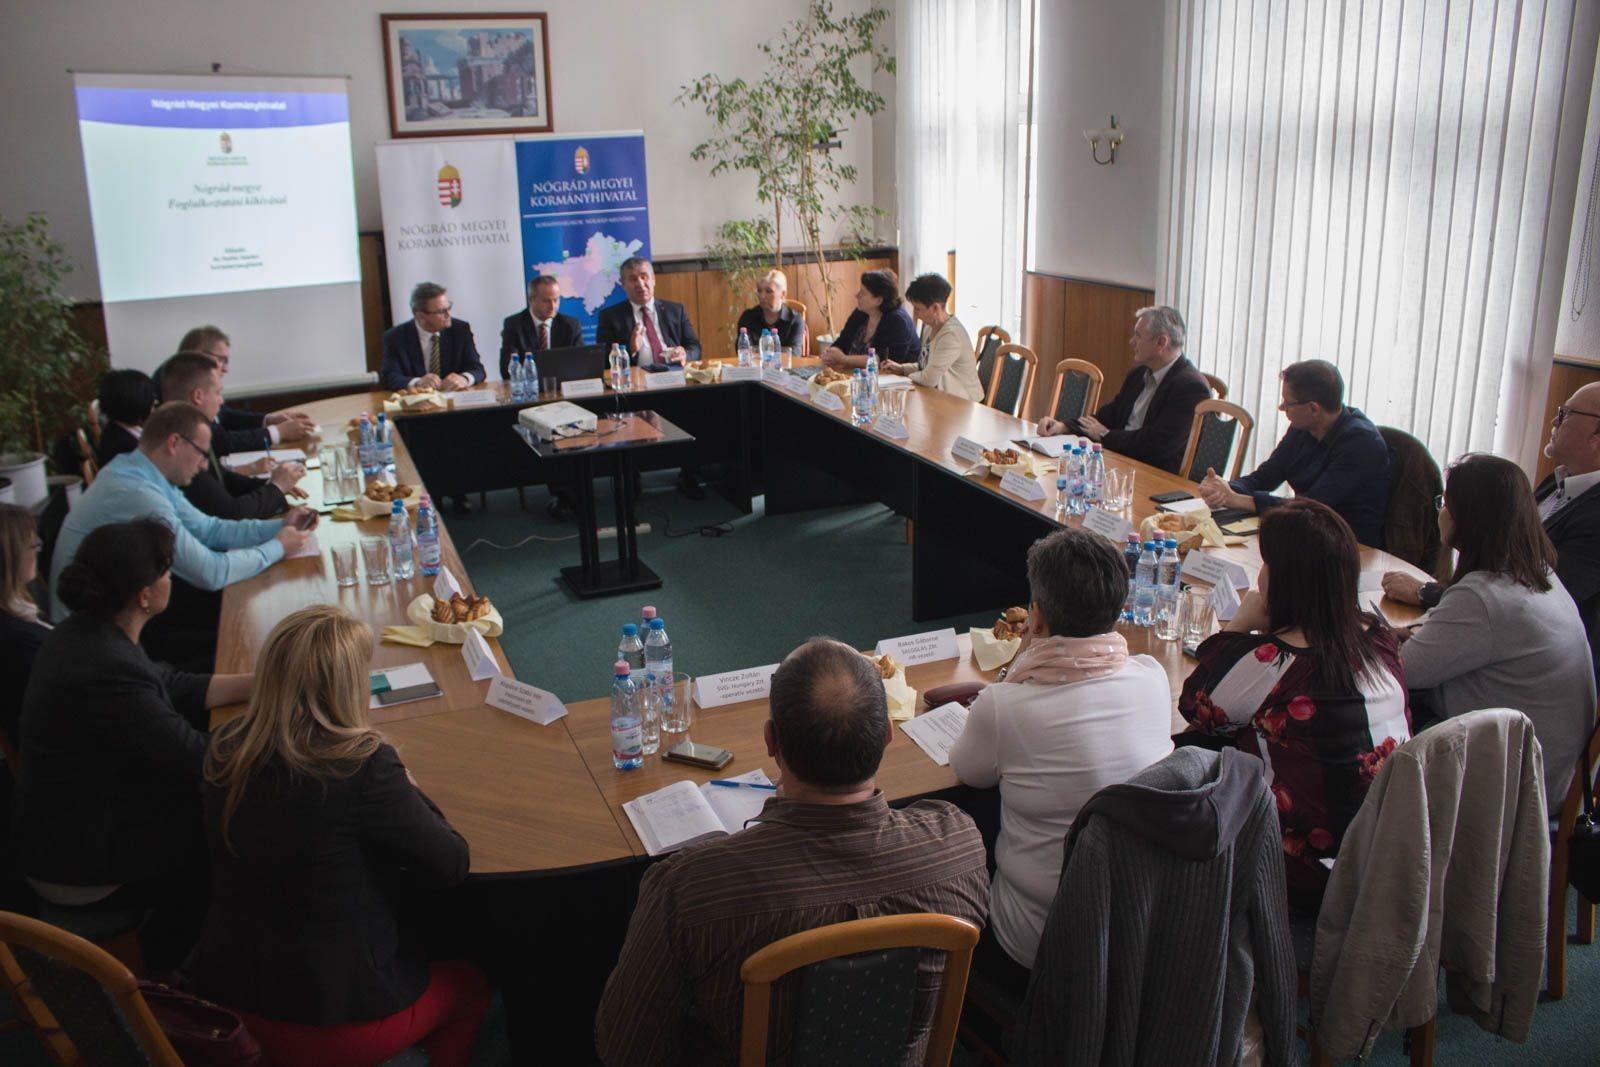 Új módszert alkalmaznak a jobb foglalkoztatásért Nógrád megyében is